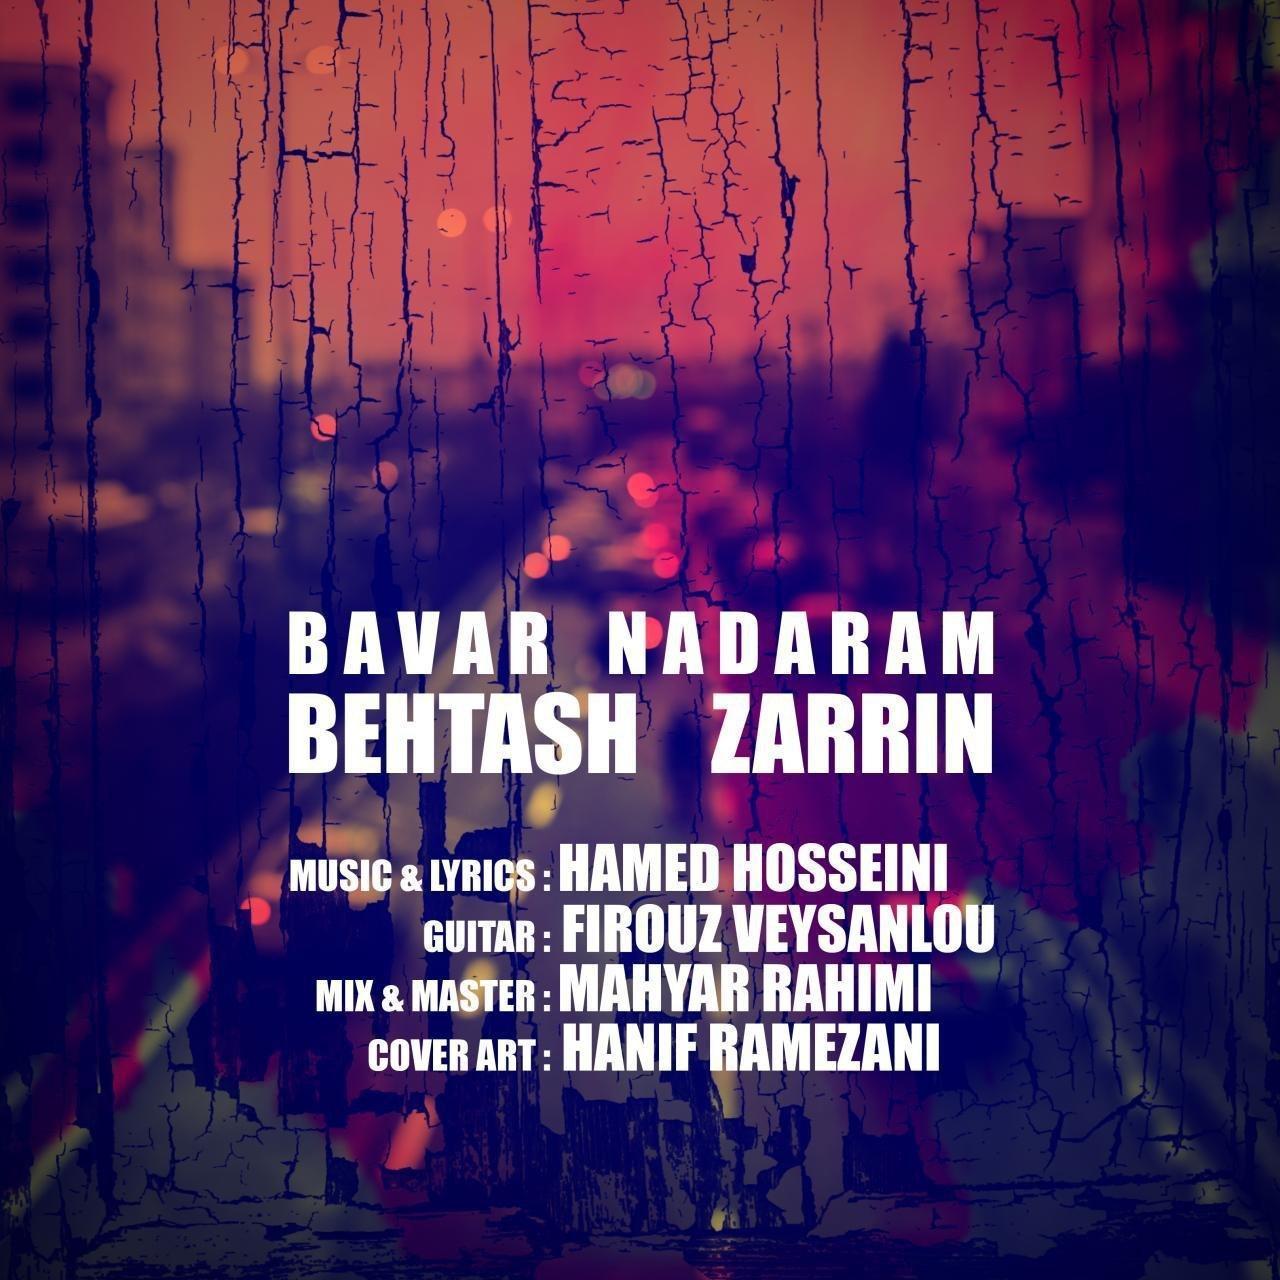 Behtash Zarrin – Bavar Nadaram